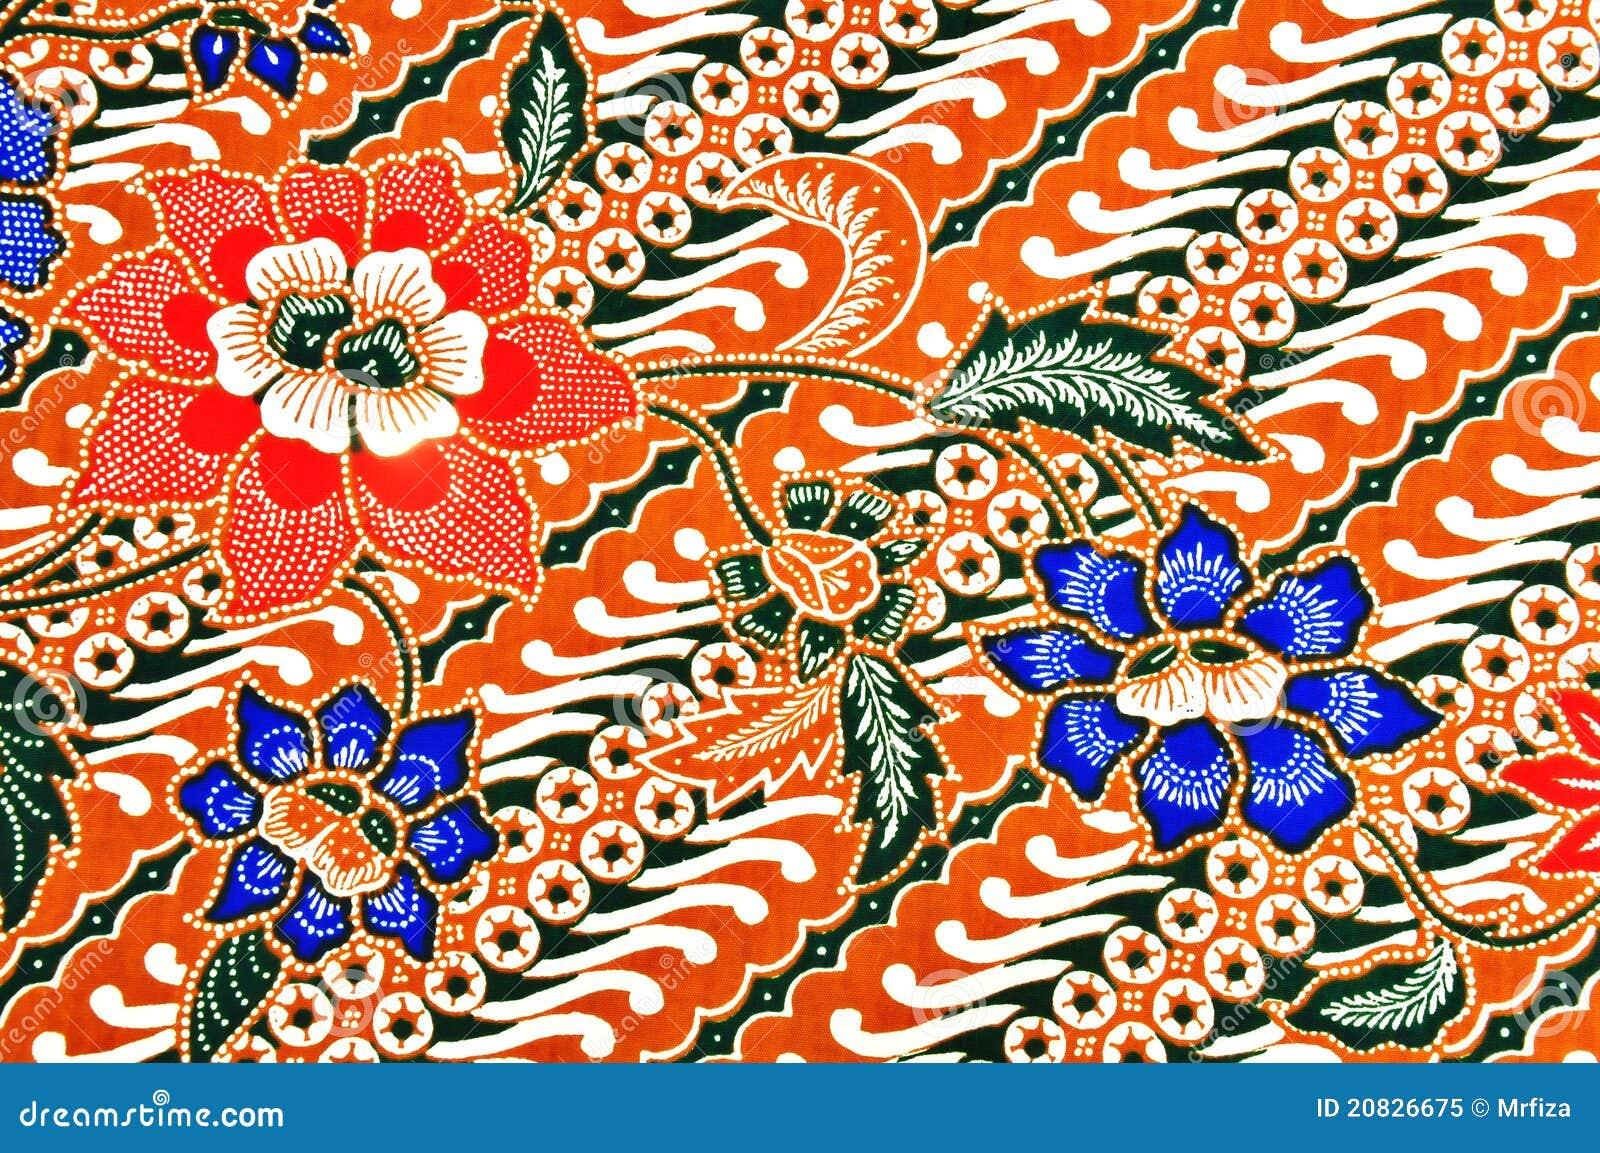 Javanese Batik Pattern Royalty Free Stock Photo - Image: 20826675